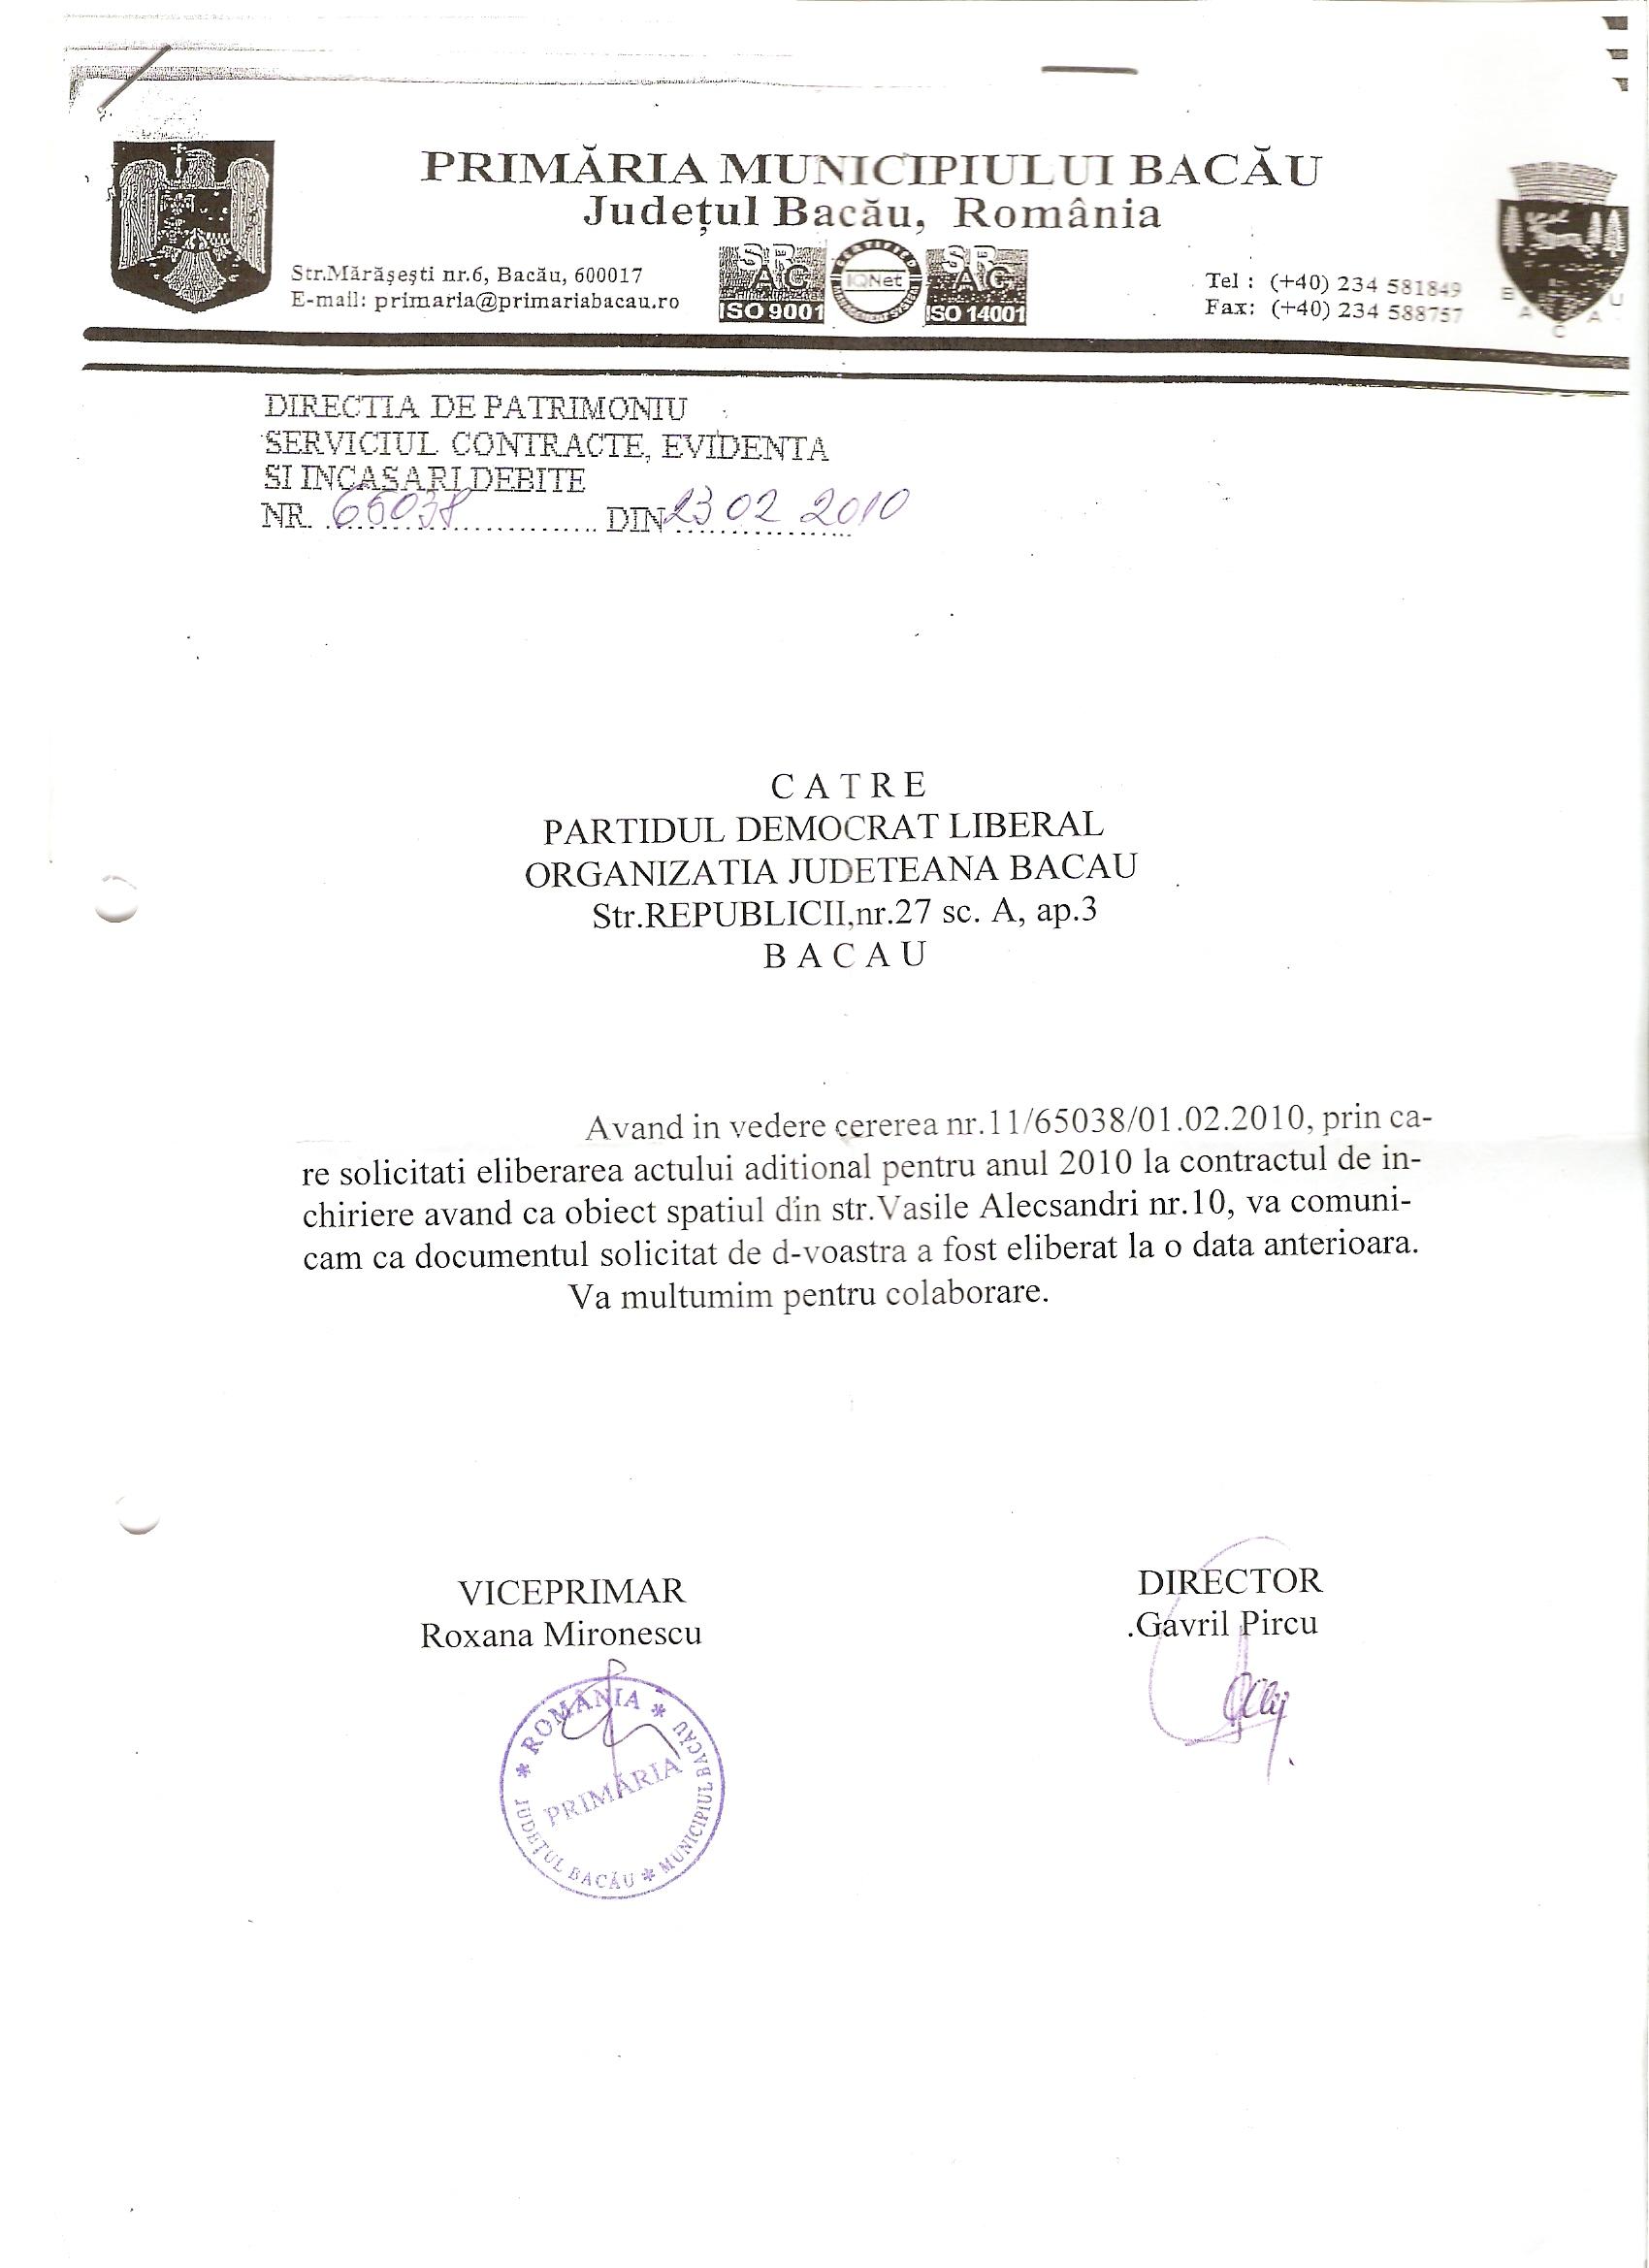 Stavarache Romeo a recunoascut public ca Botomei Vasile este presedintele PD-L Bacau